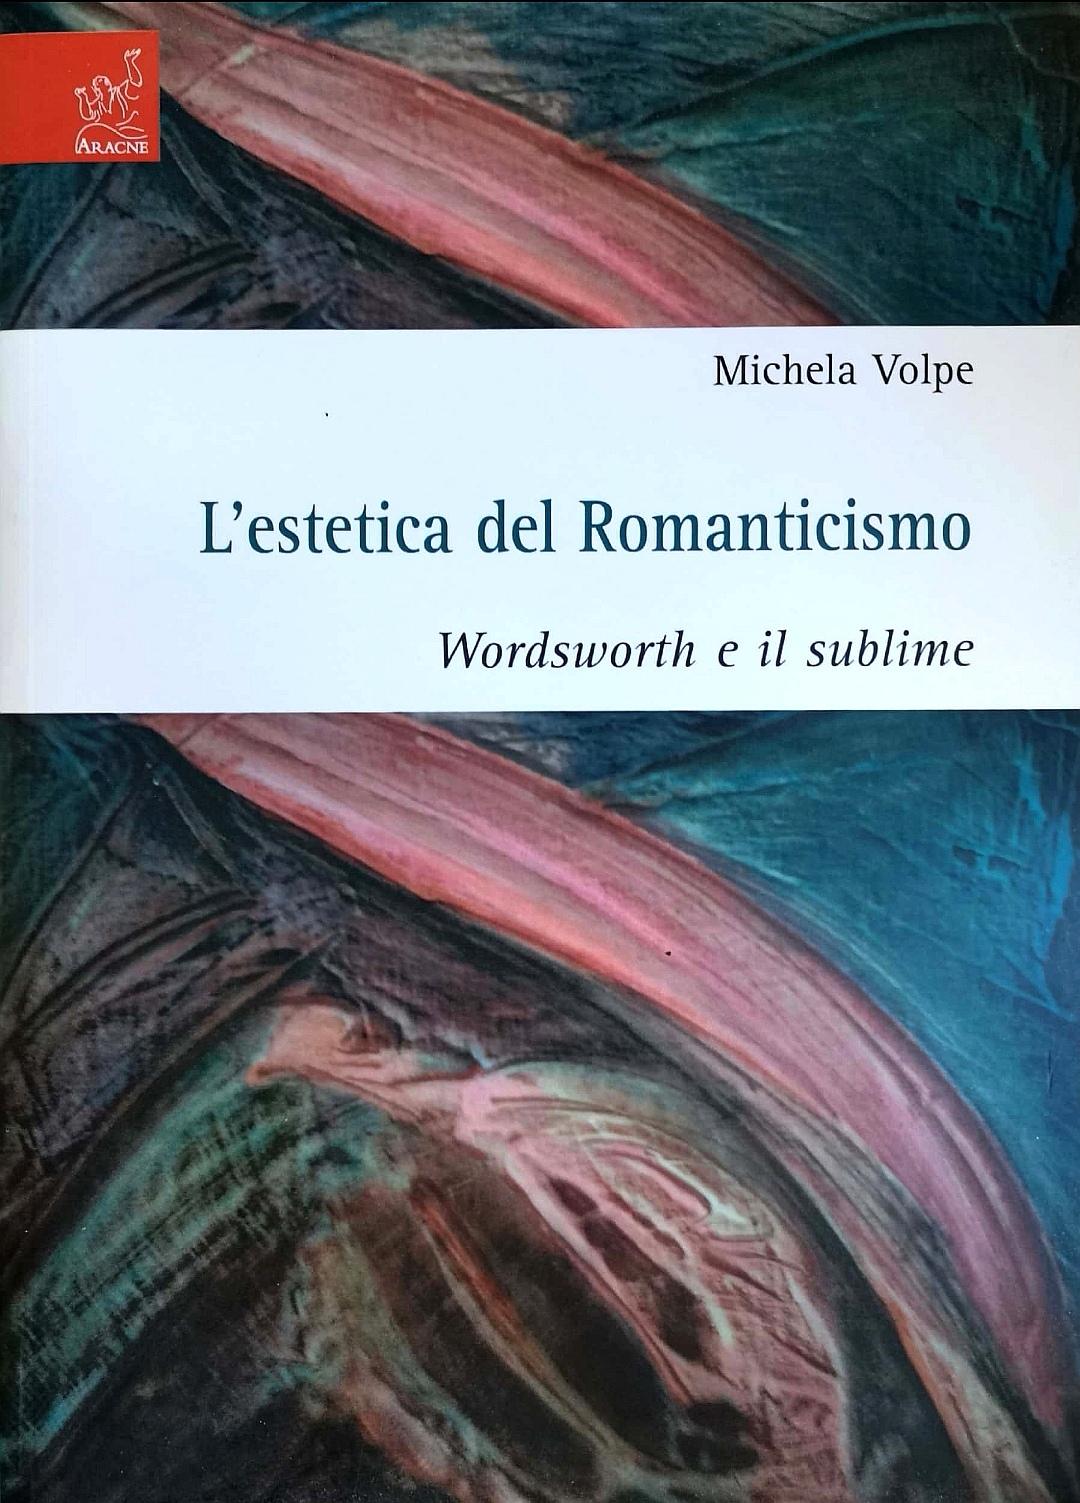 L' estetica del romanticismo. Wordsworth e il sublime